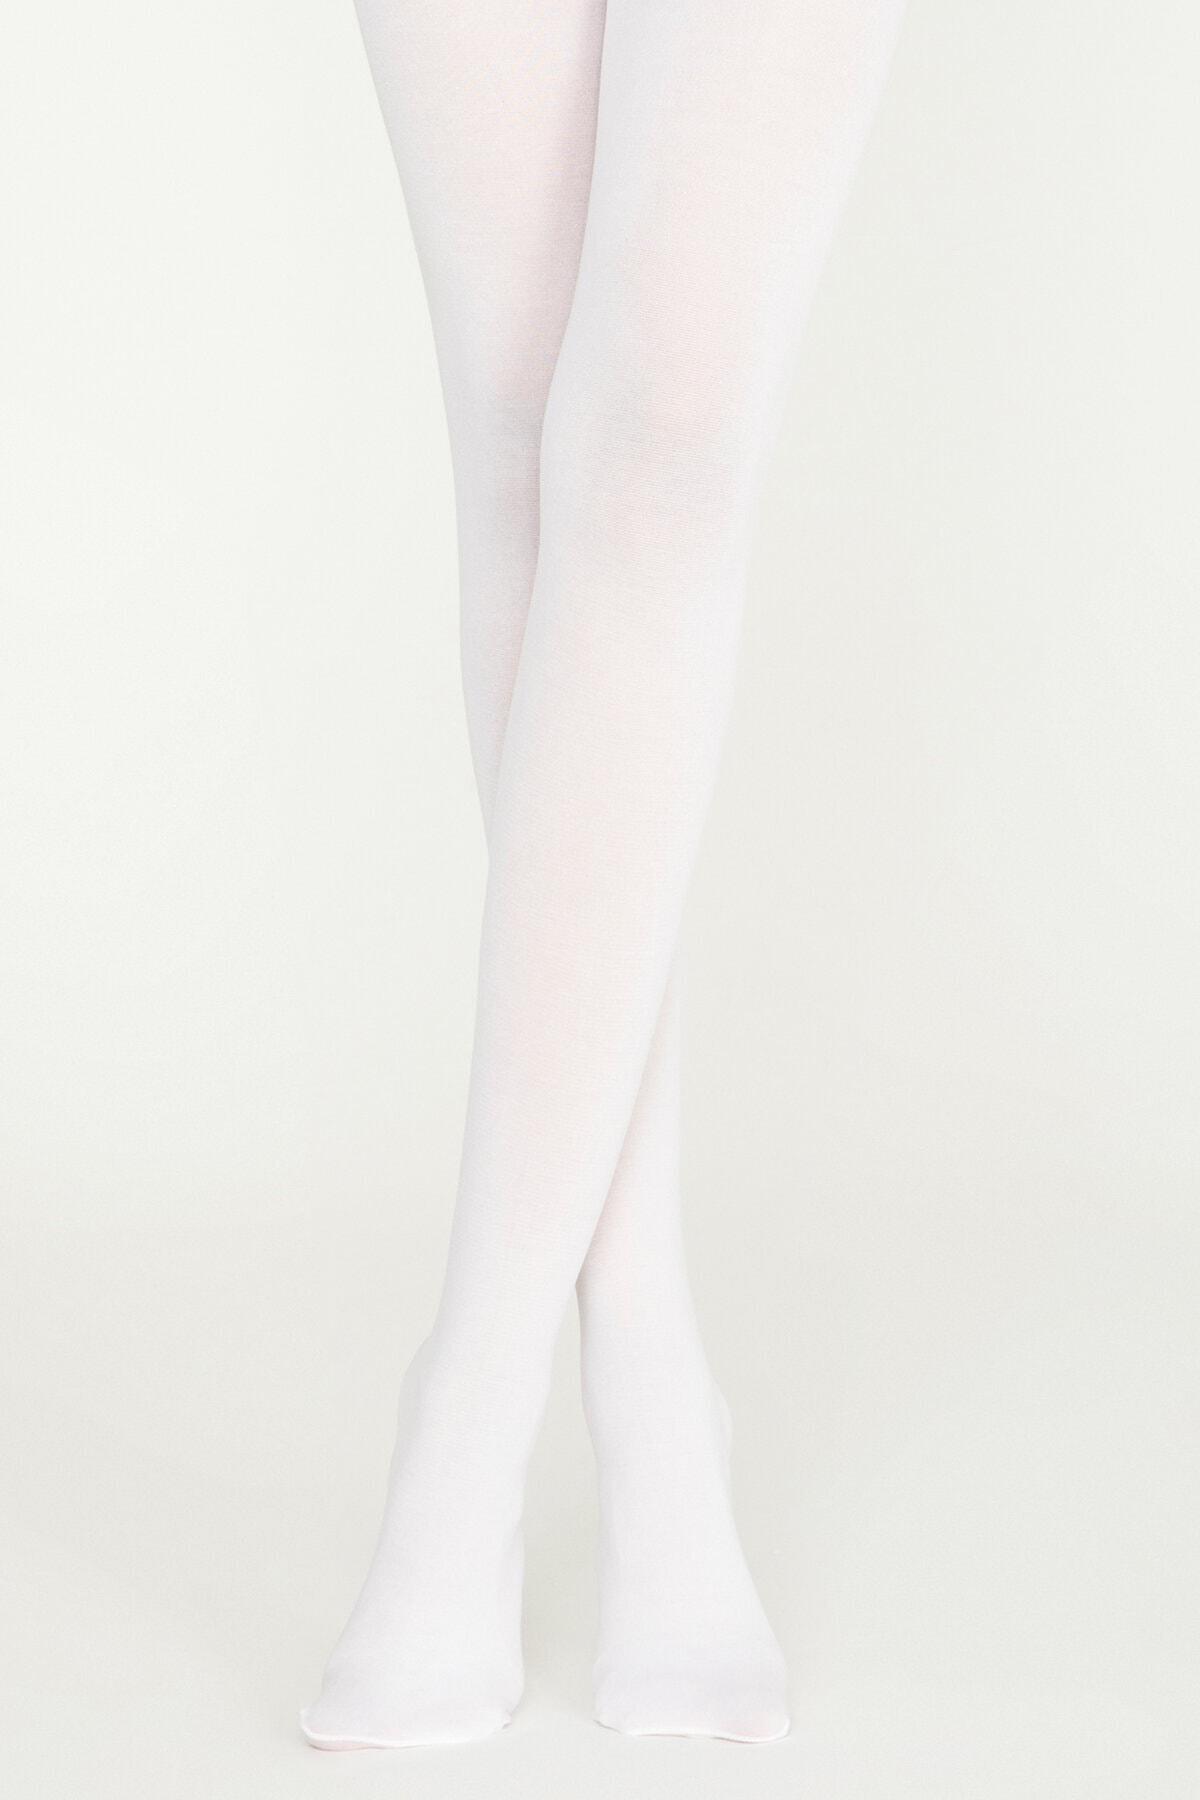 Penti Kadın Beyaz Koton Külotlu Çorap 1